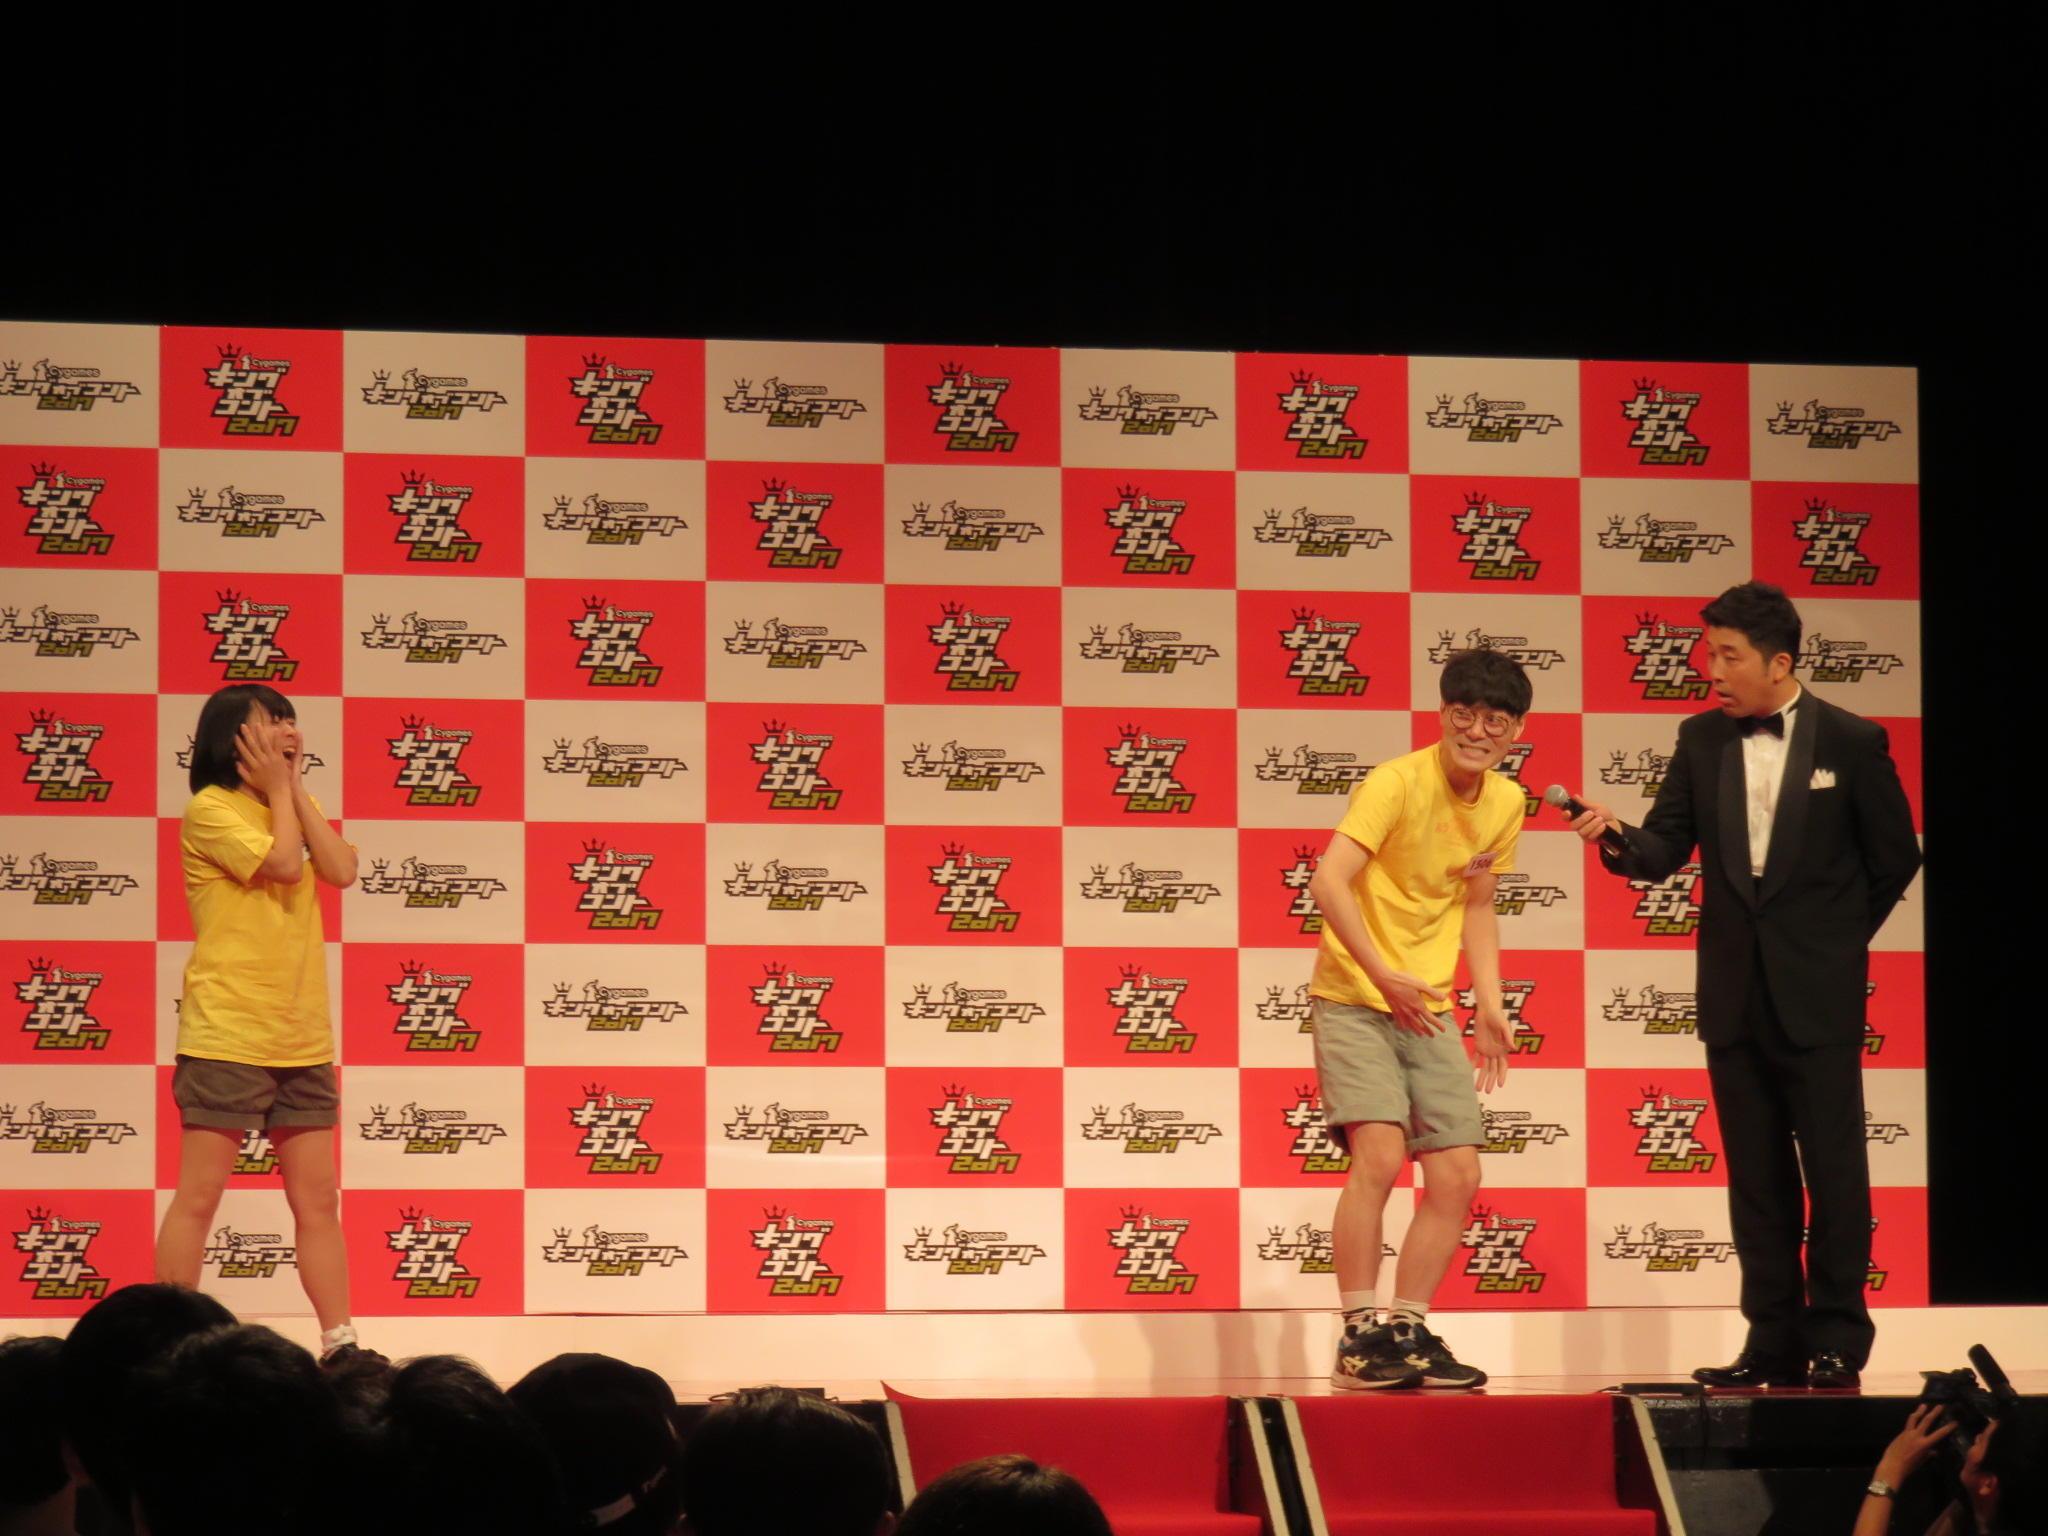 http://news.yoshimoto.co.jp/20170909005910-f7982cfaf01af7c6ce0e98e2cbf0a9936ac8c656.jpg